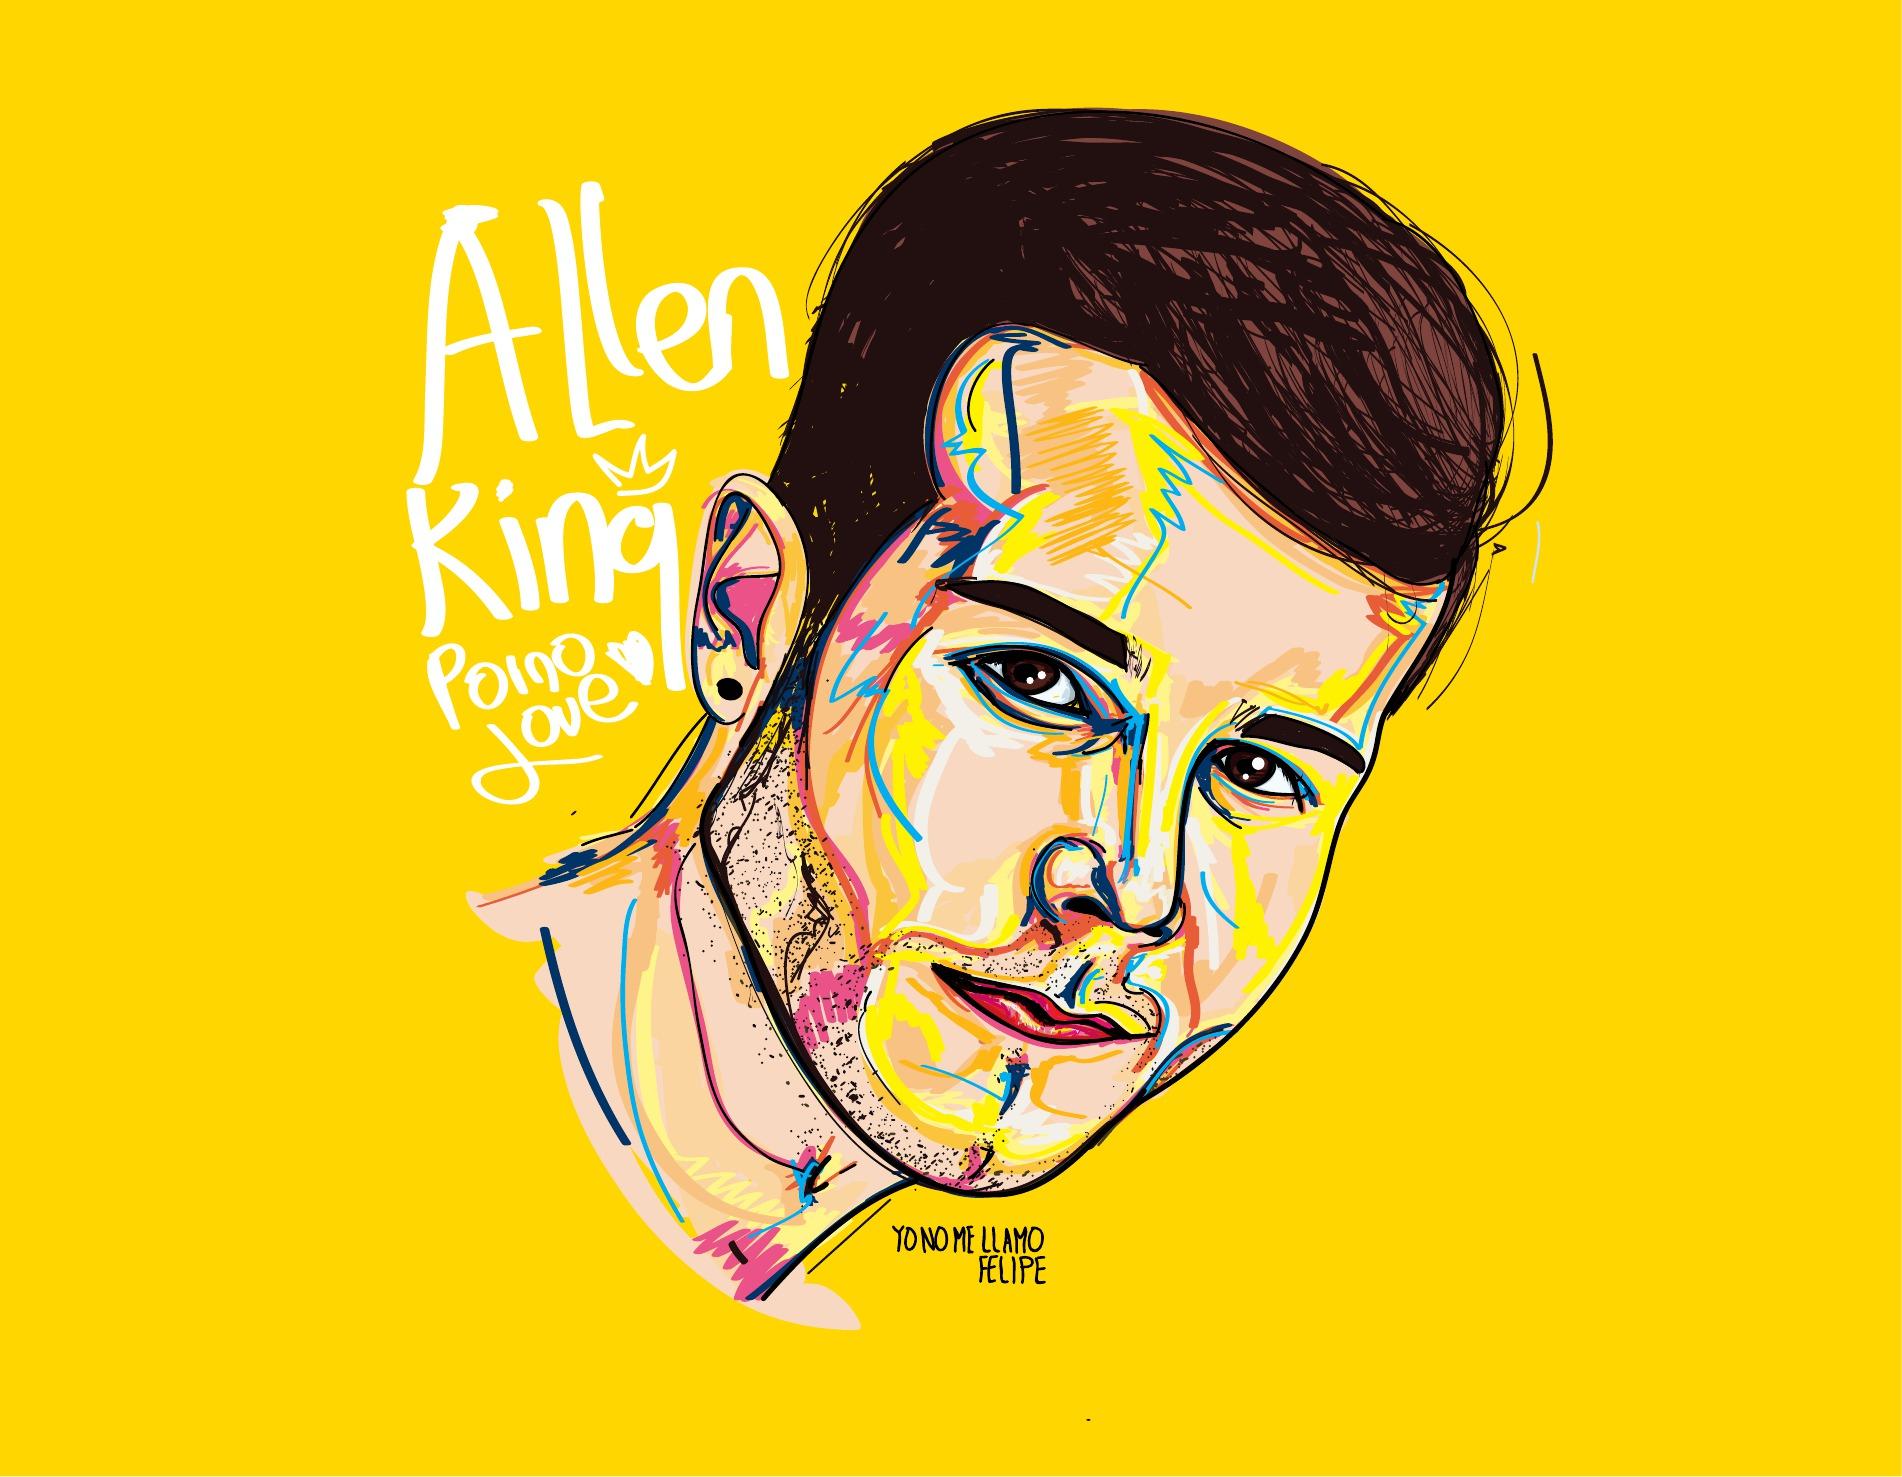 AllenKing